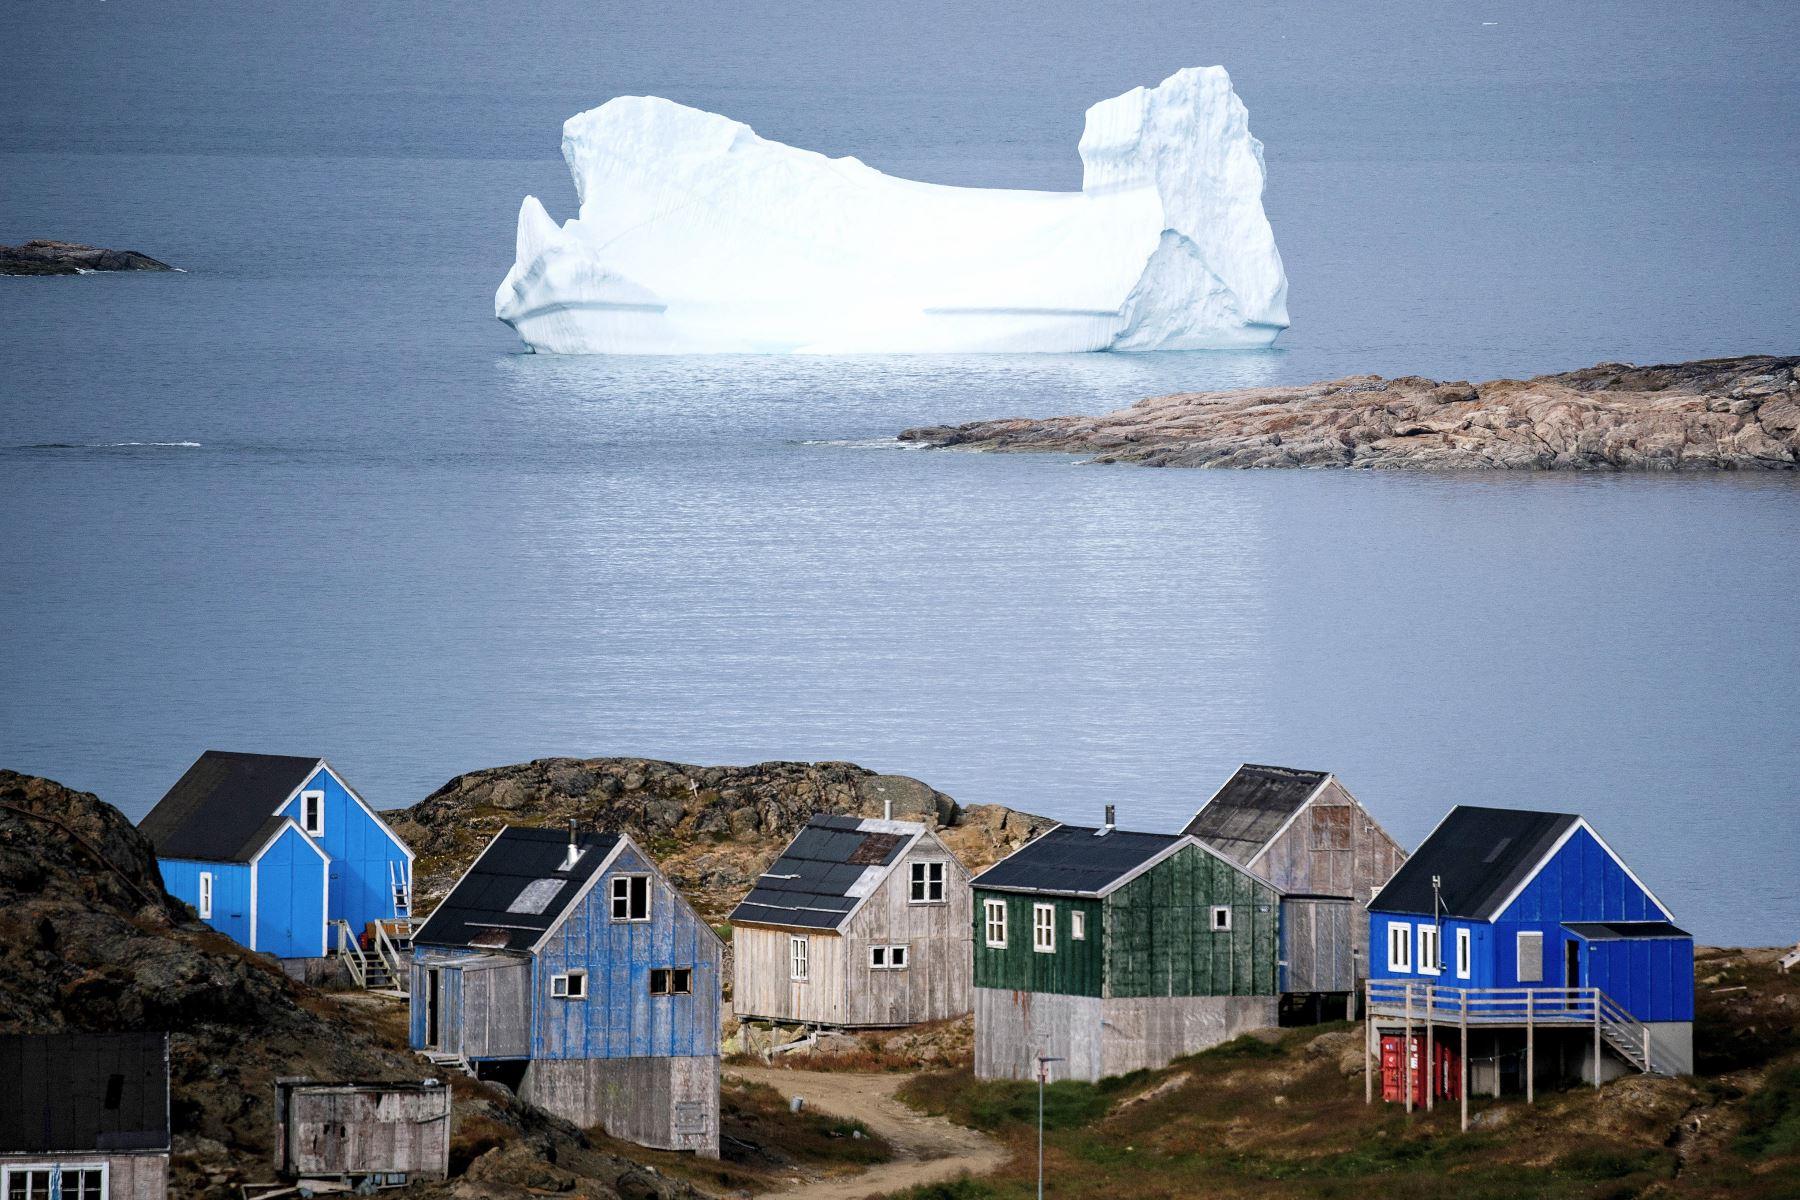 La superficie de la capa de hielo de Groenlandia se ha calentado al menos 2,7 °C desde 1982, acelerando su derretimiento. Foto: AFP